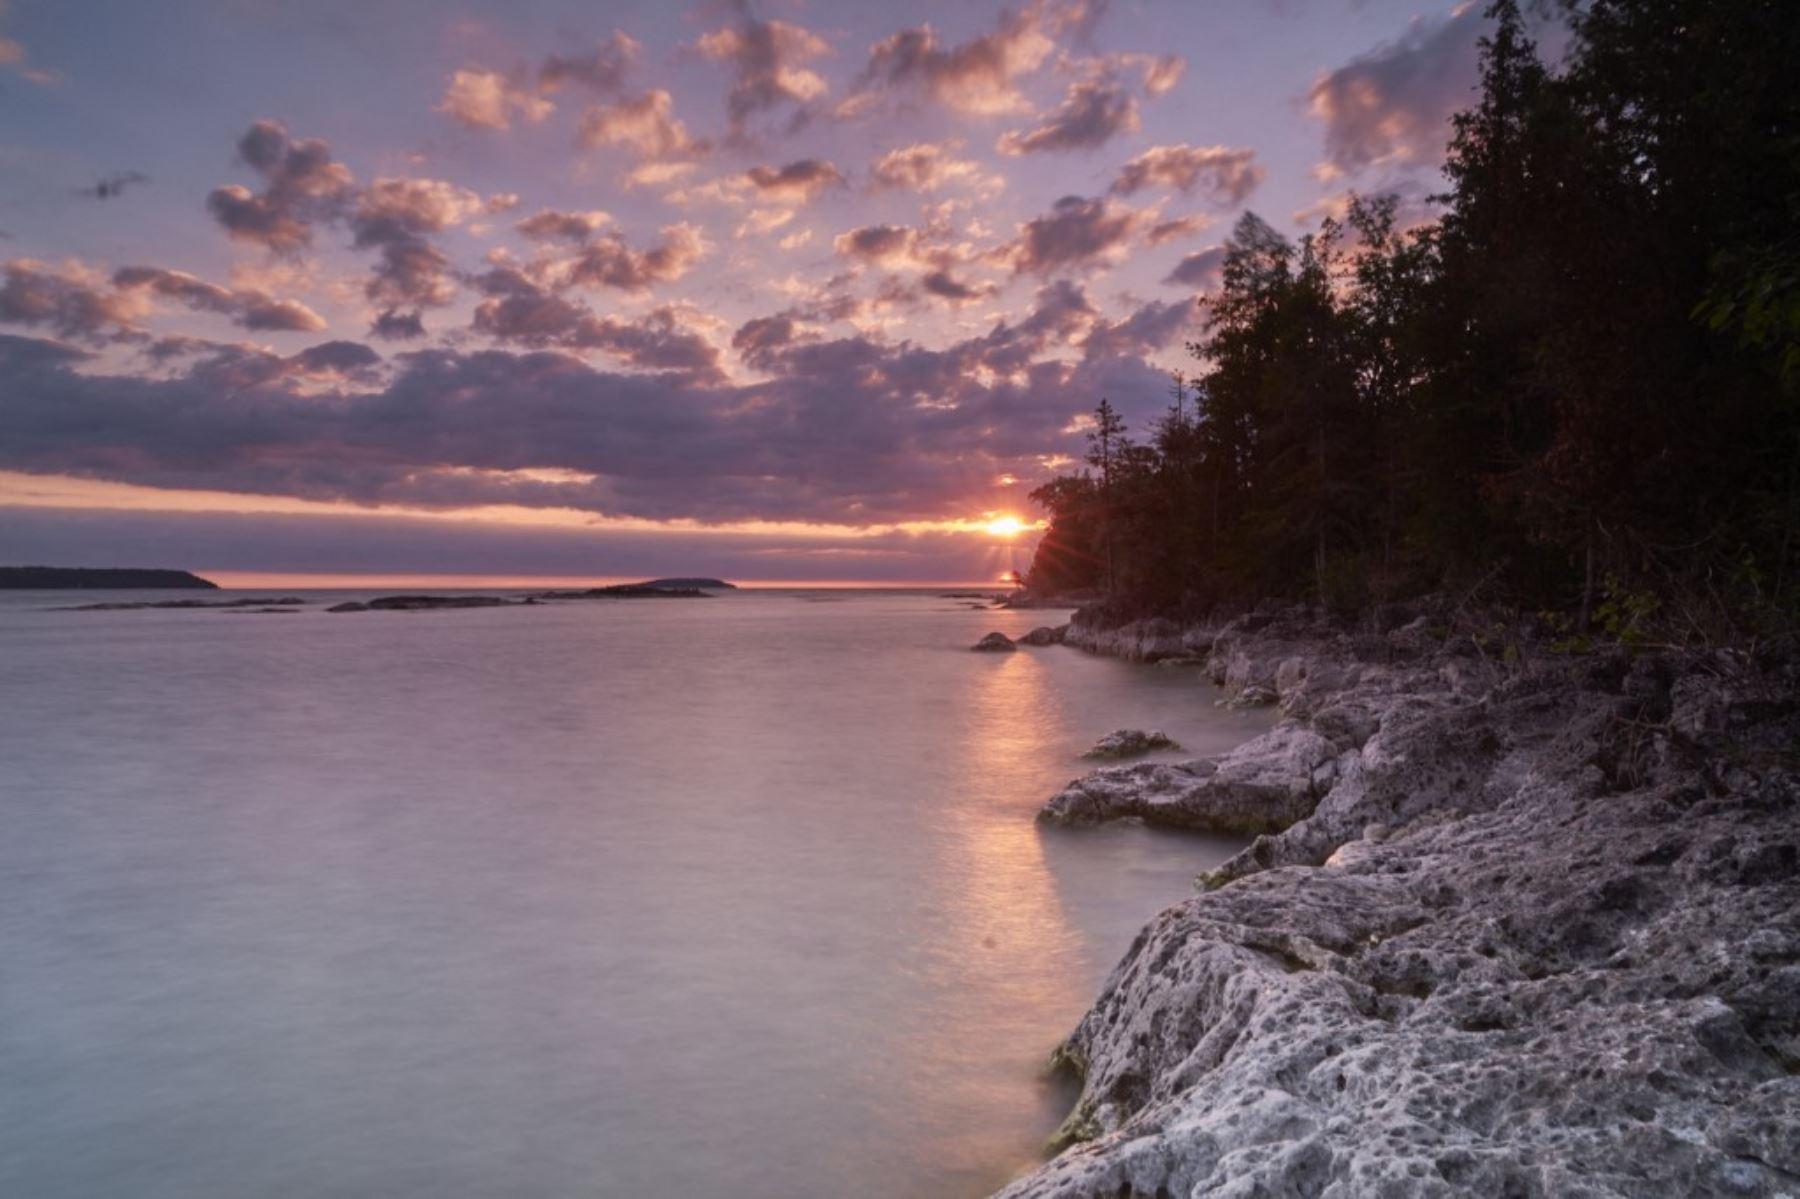 El sol brilla en el agua en el Parque Nacional Marino Fathom Five en Tobermory, Ontario, durante un eclipse solar parcial el 10 de junio de 2021. Foto: AFP